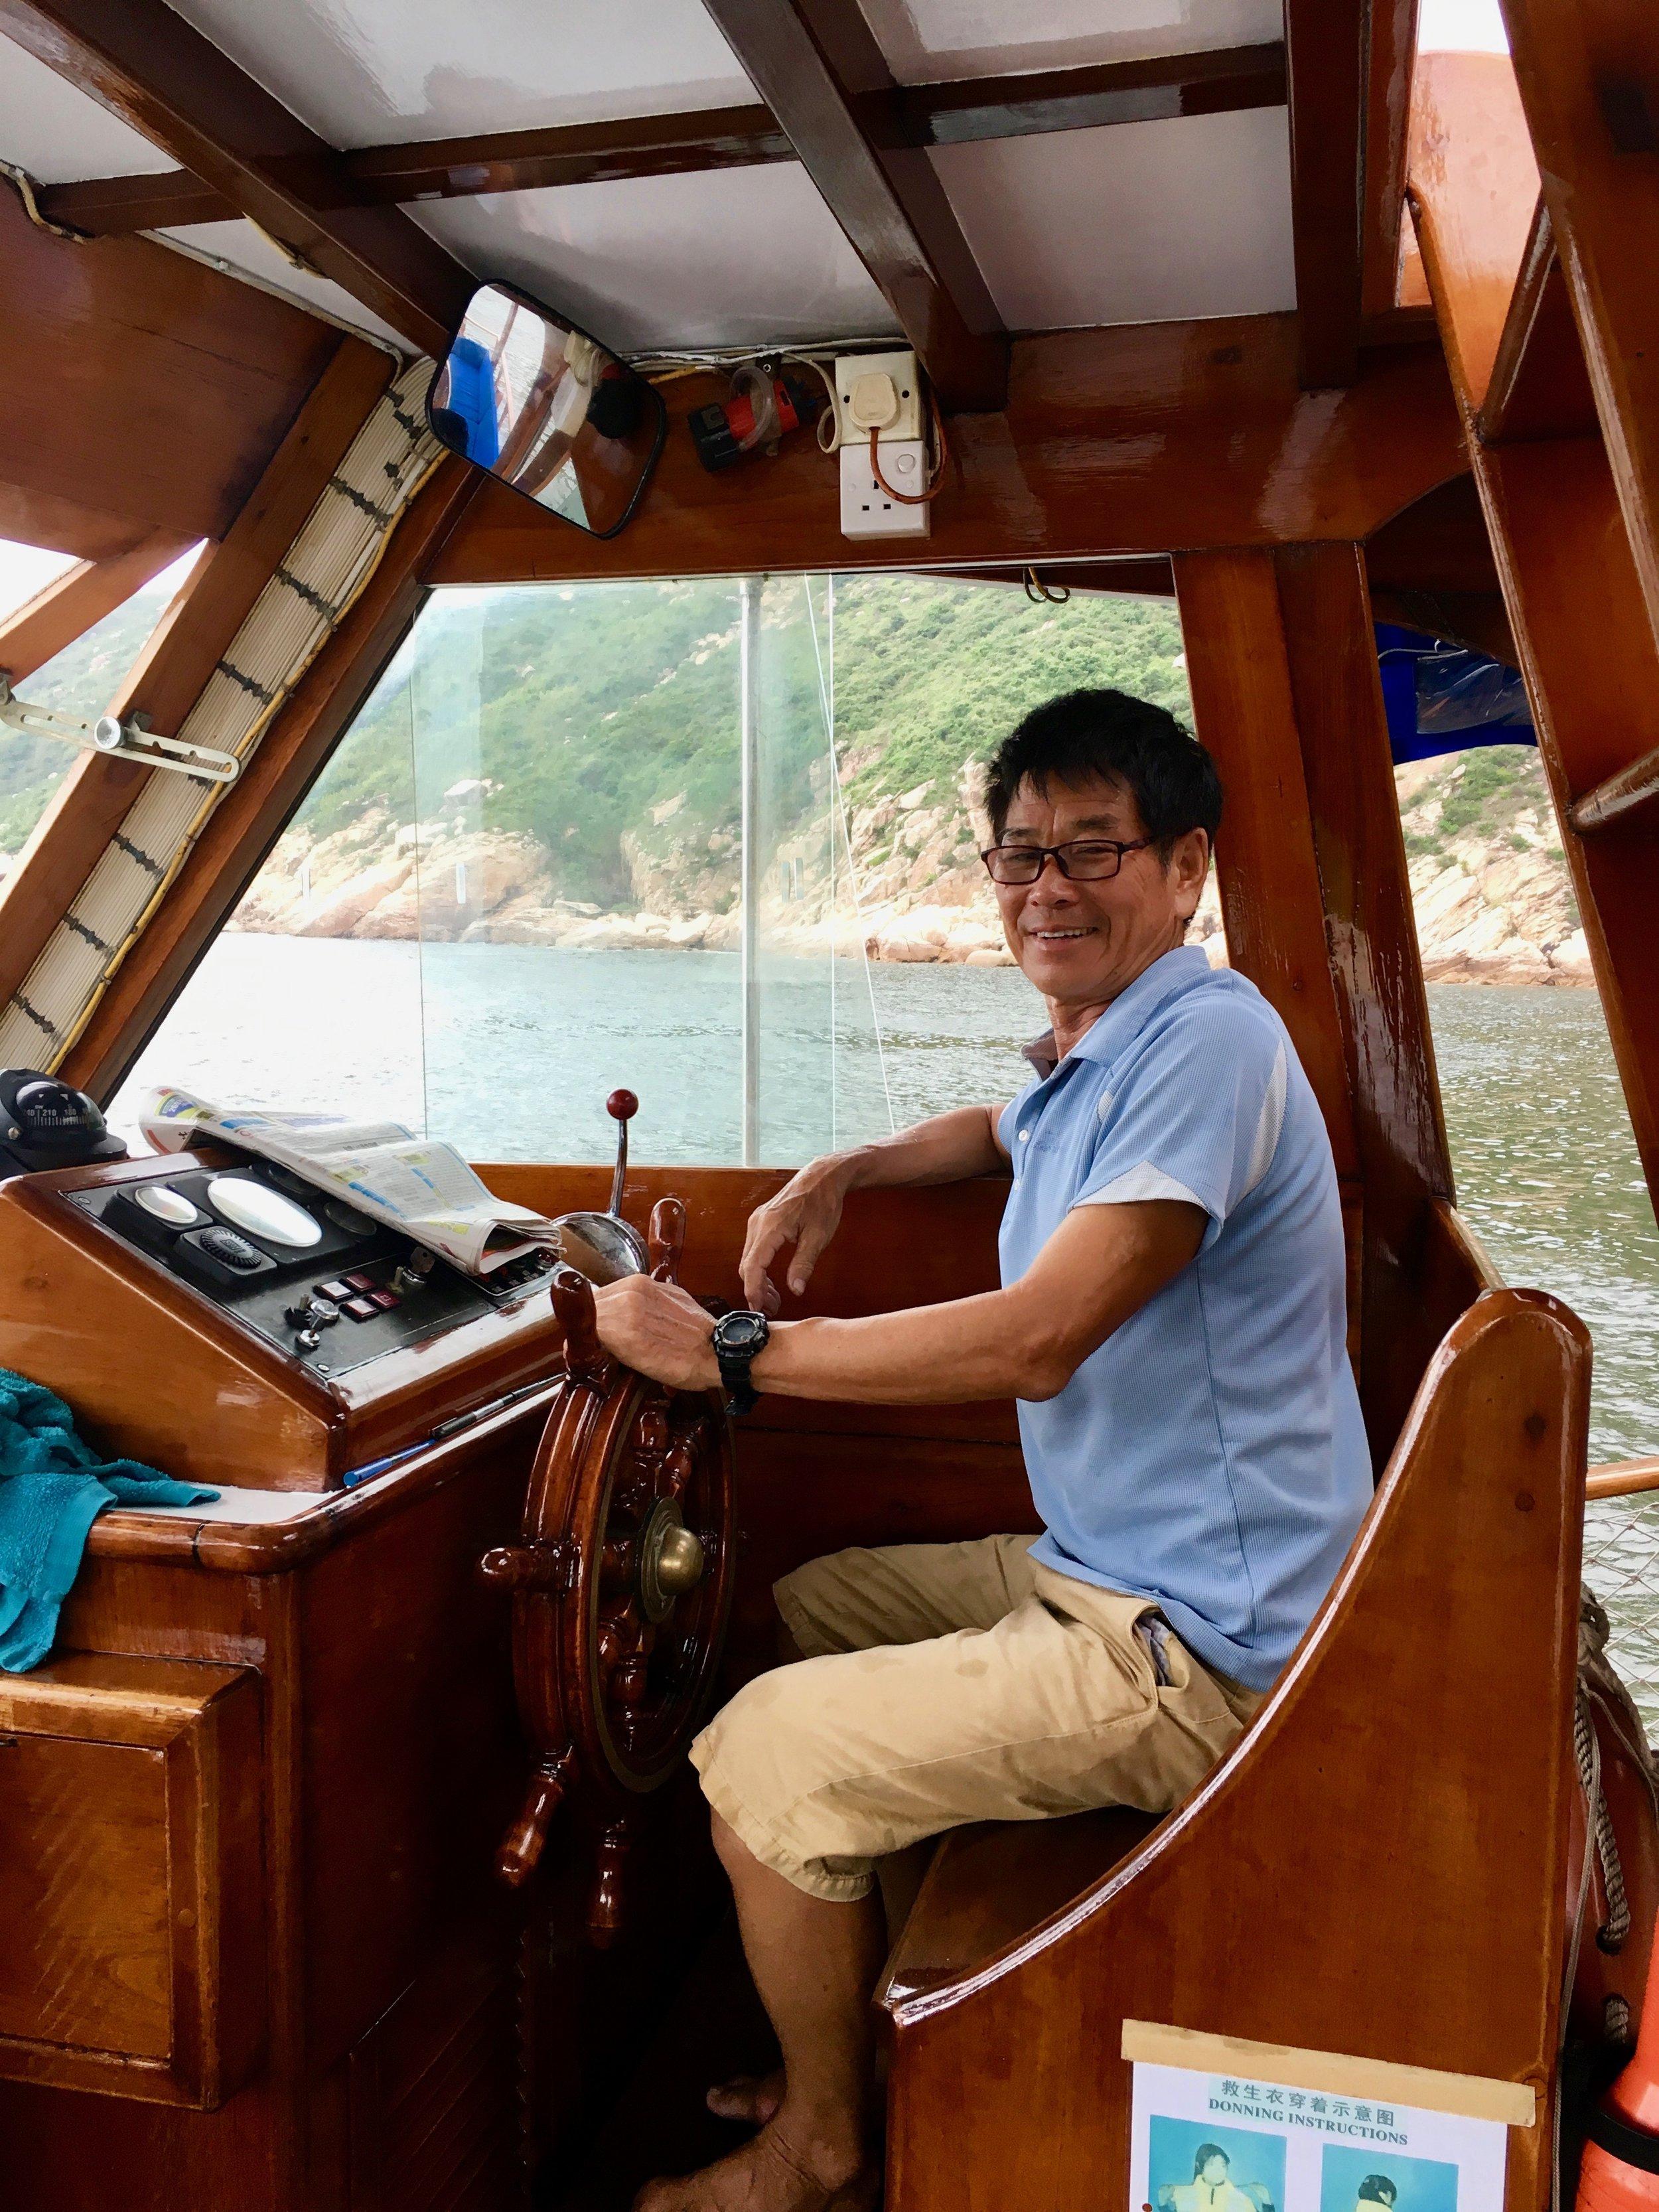 Our captain, Ah Lau.